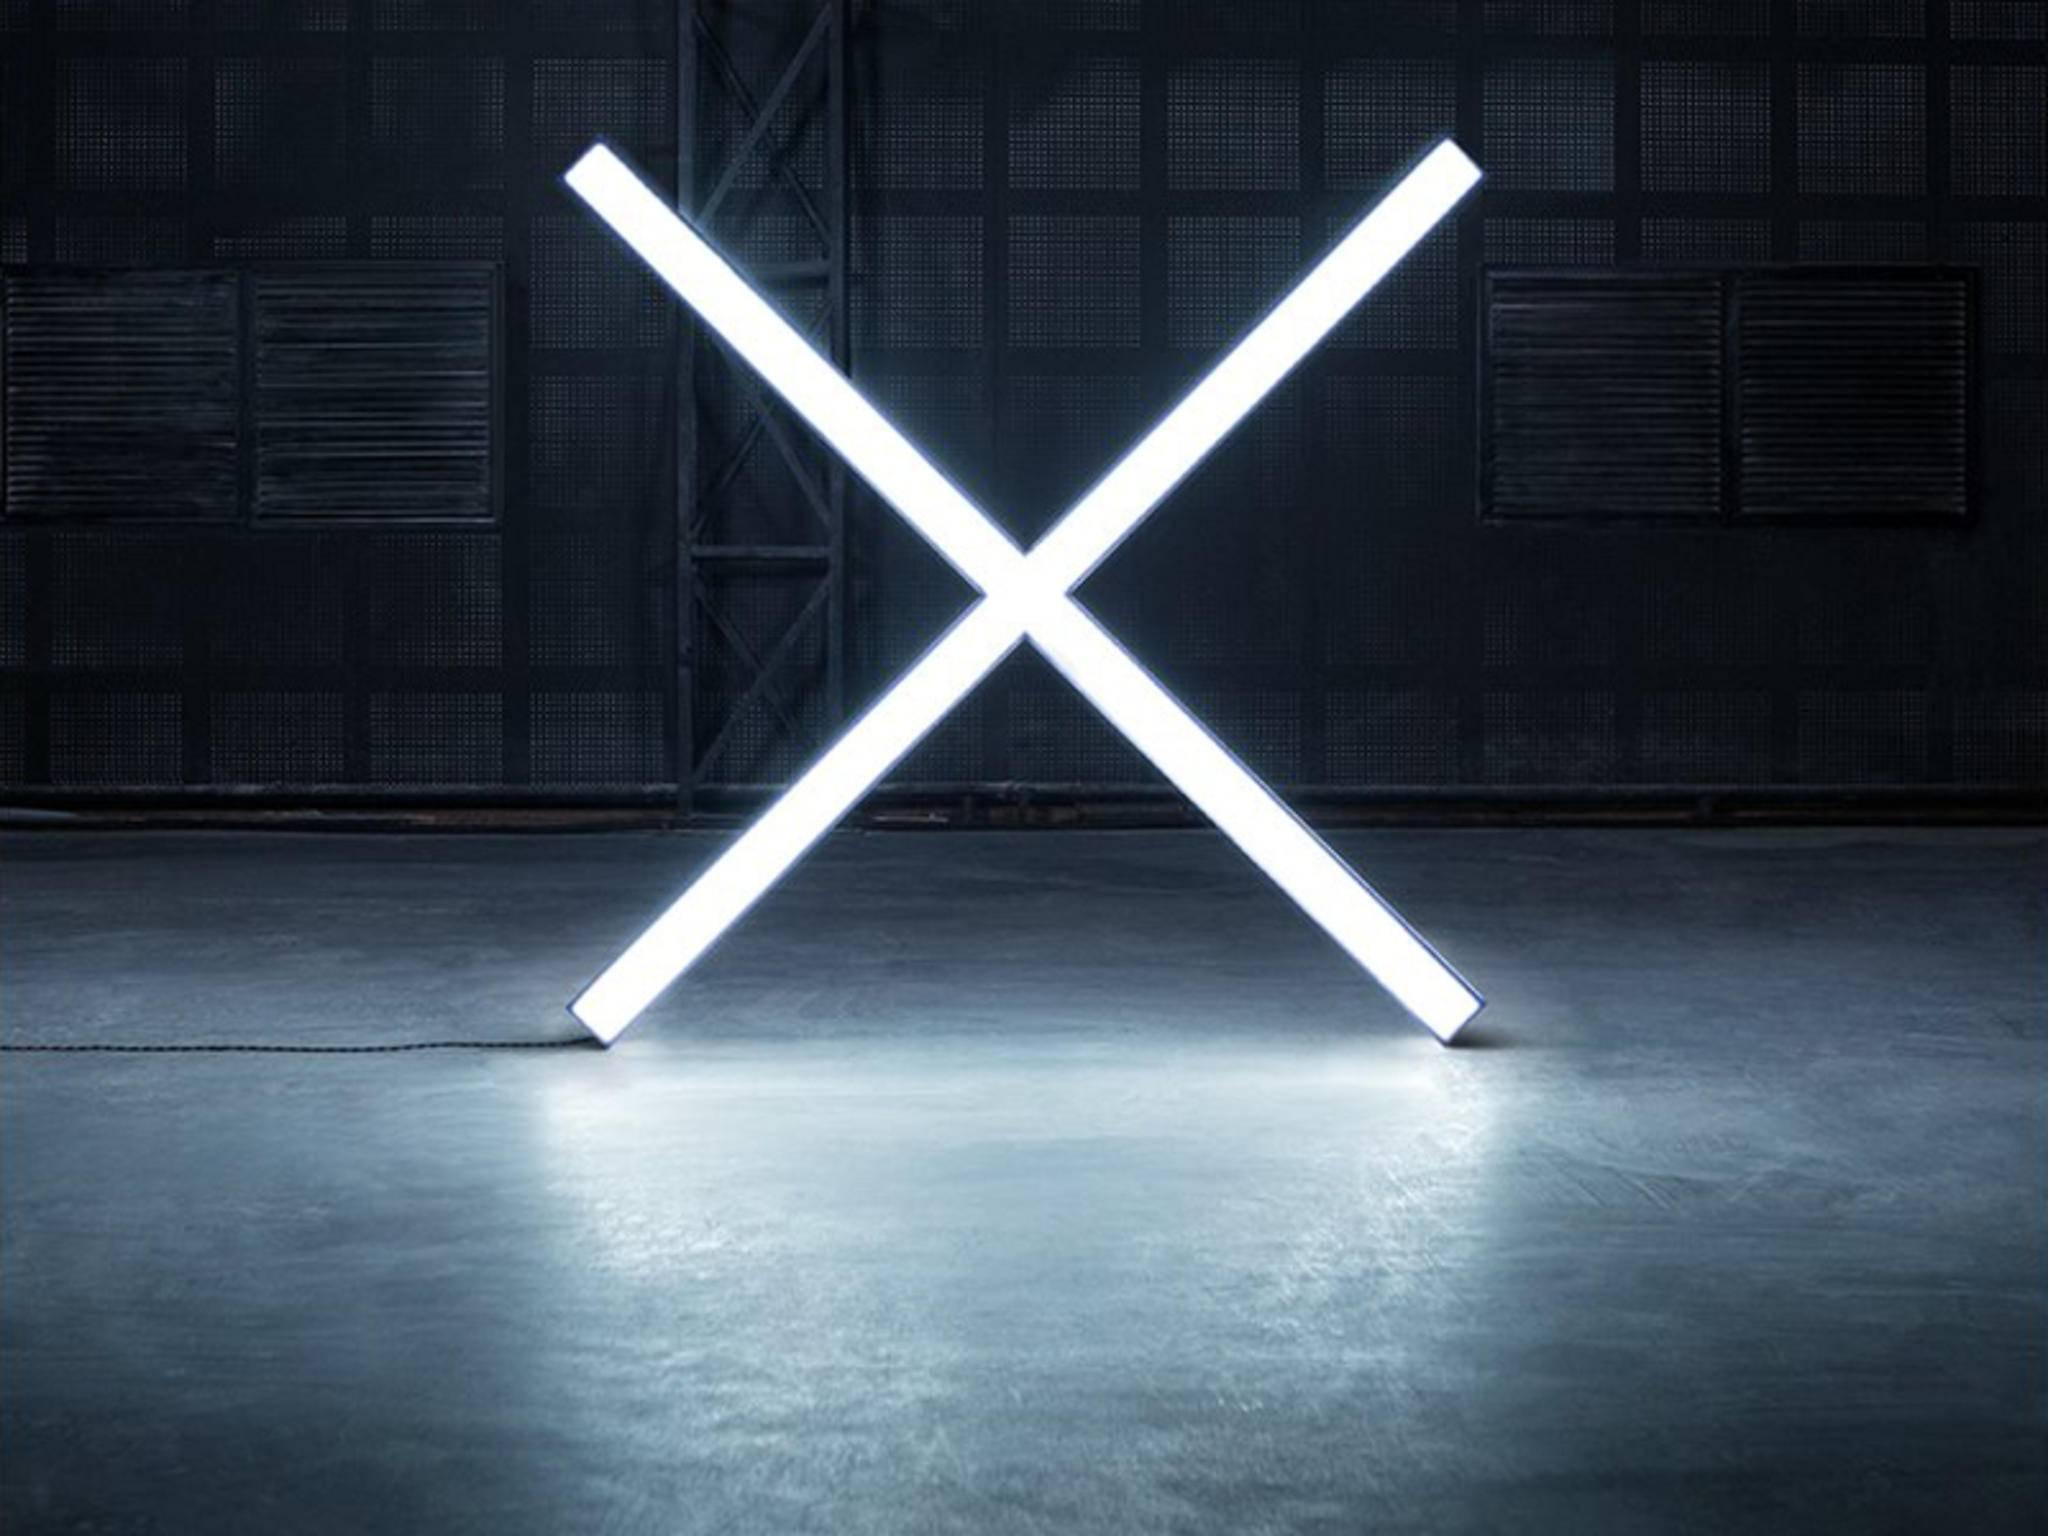 Das OnePlus X dürfte am 29. Oktober offiziell vorgestellt werden.